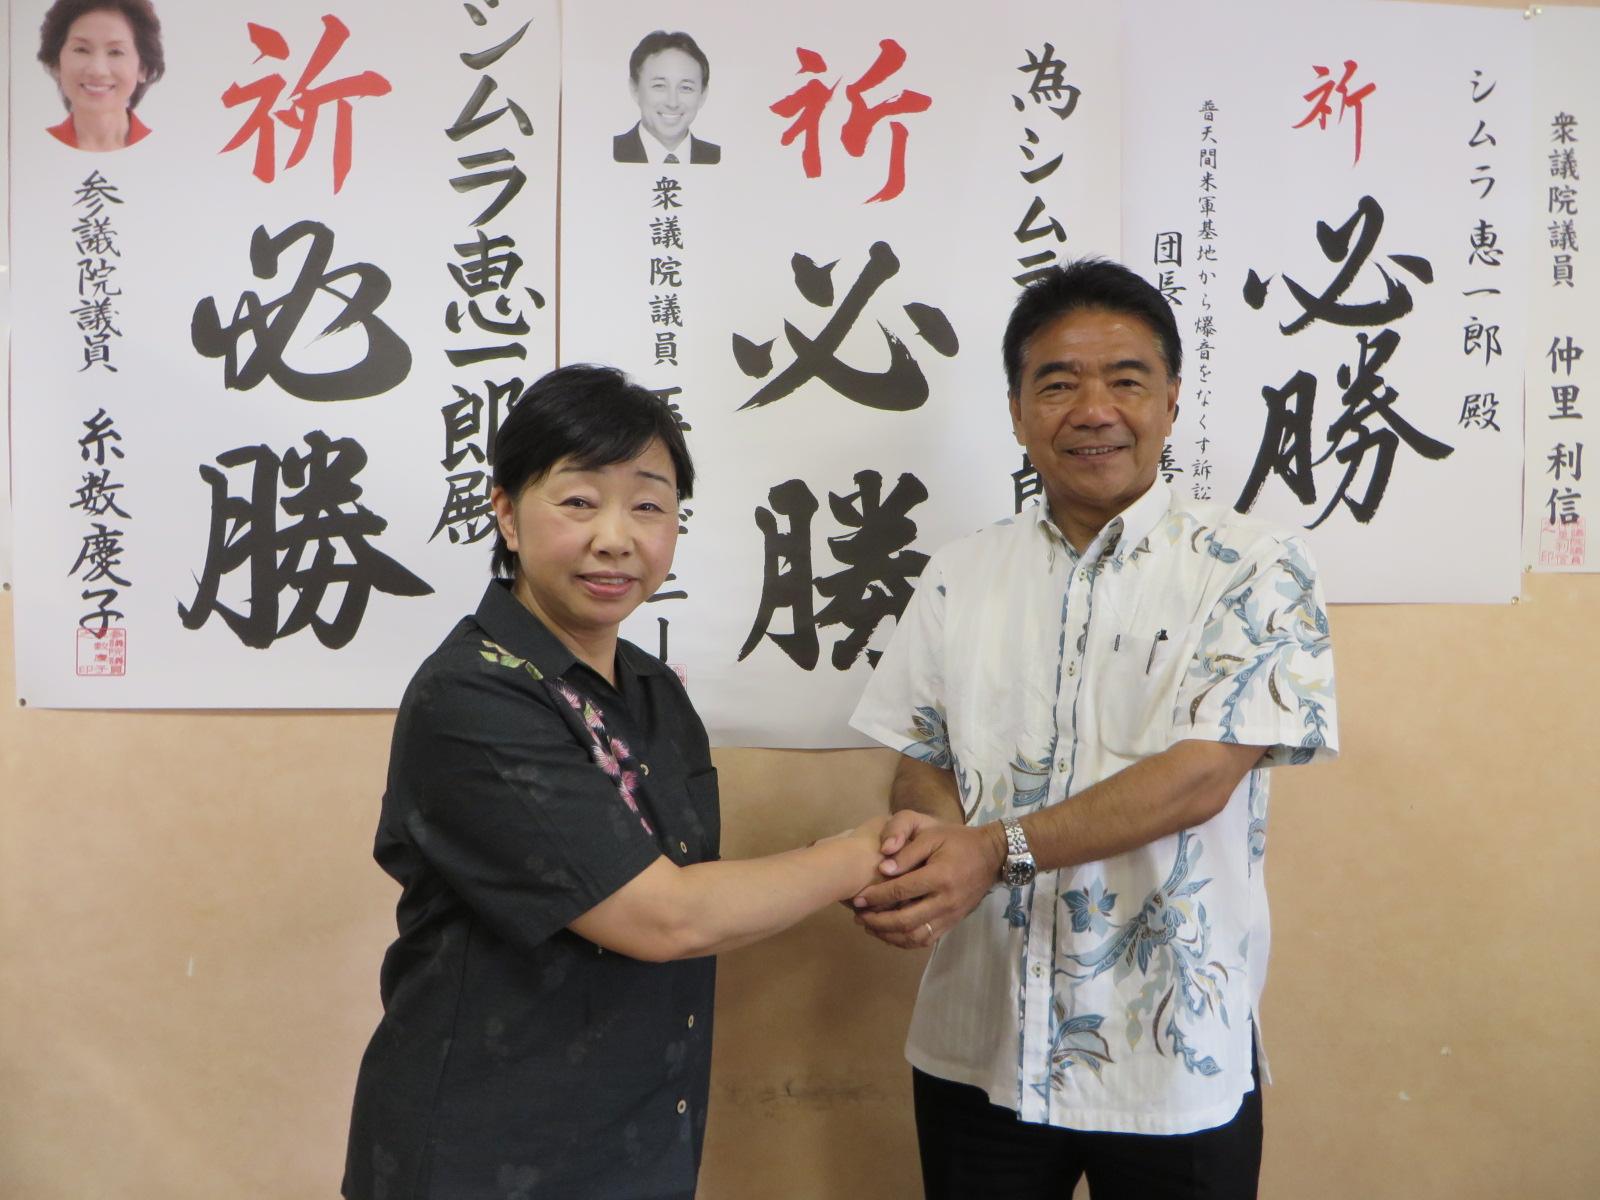 沖縄と連帯し、市長選挙に勝利を